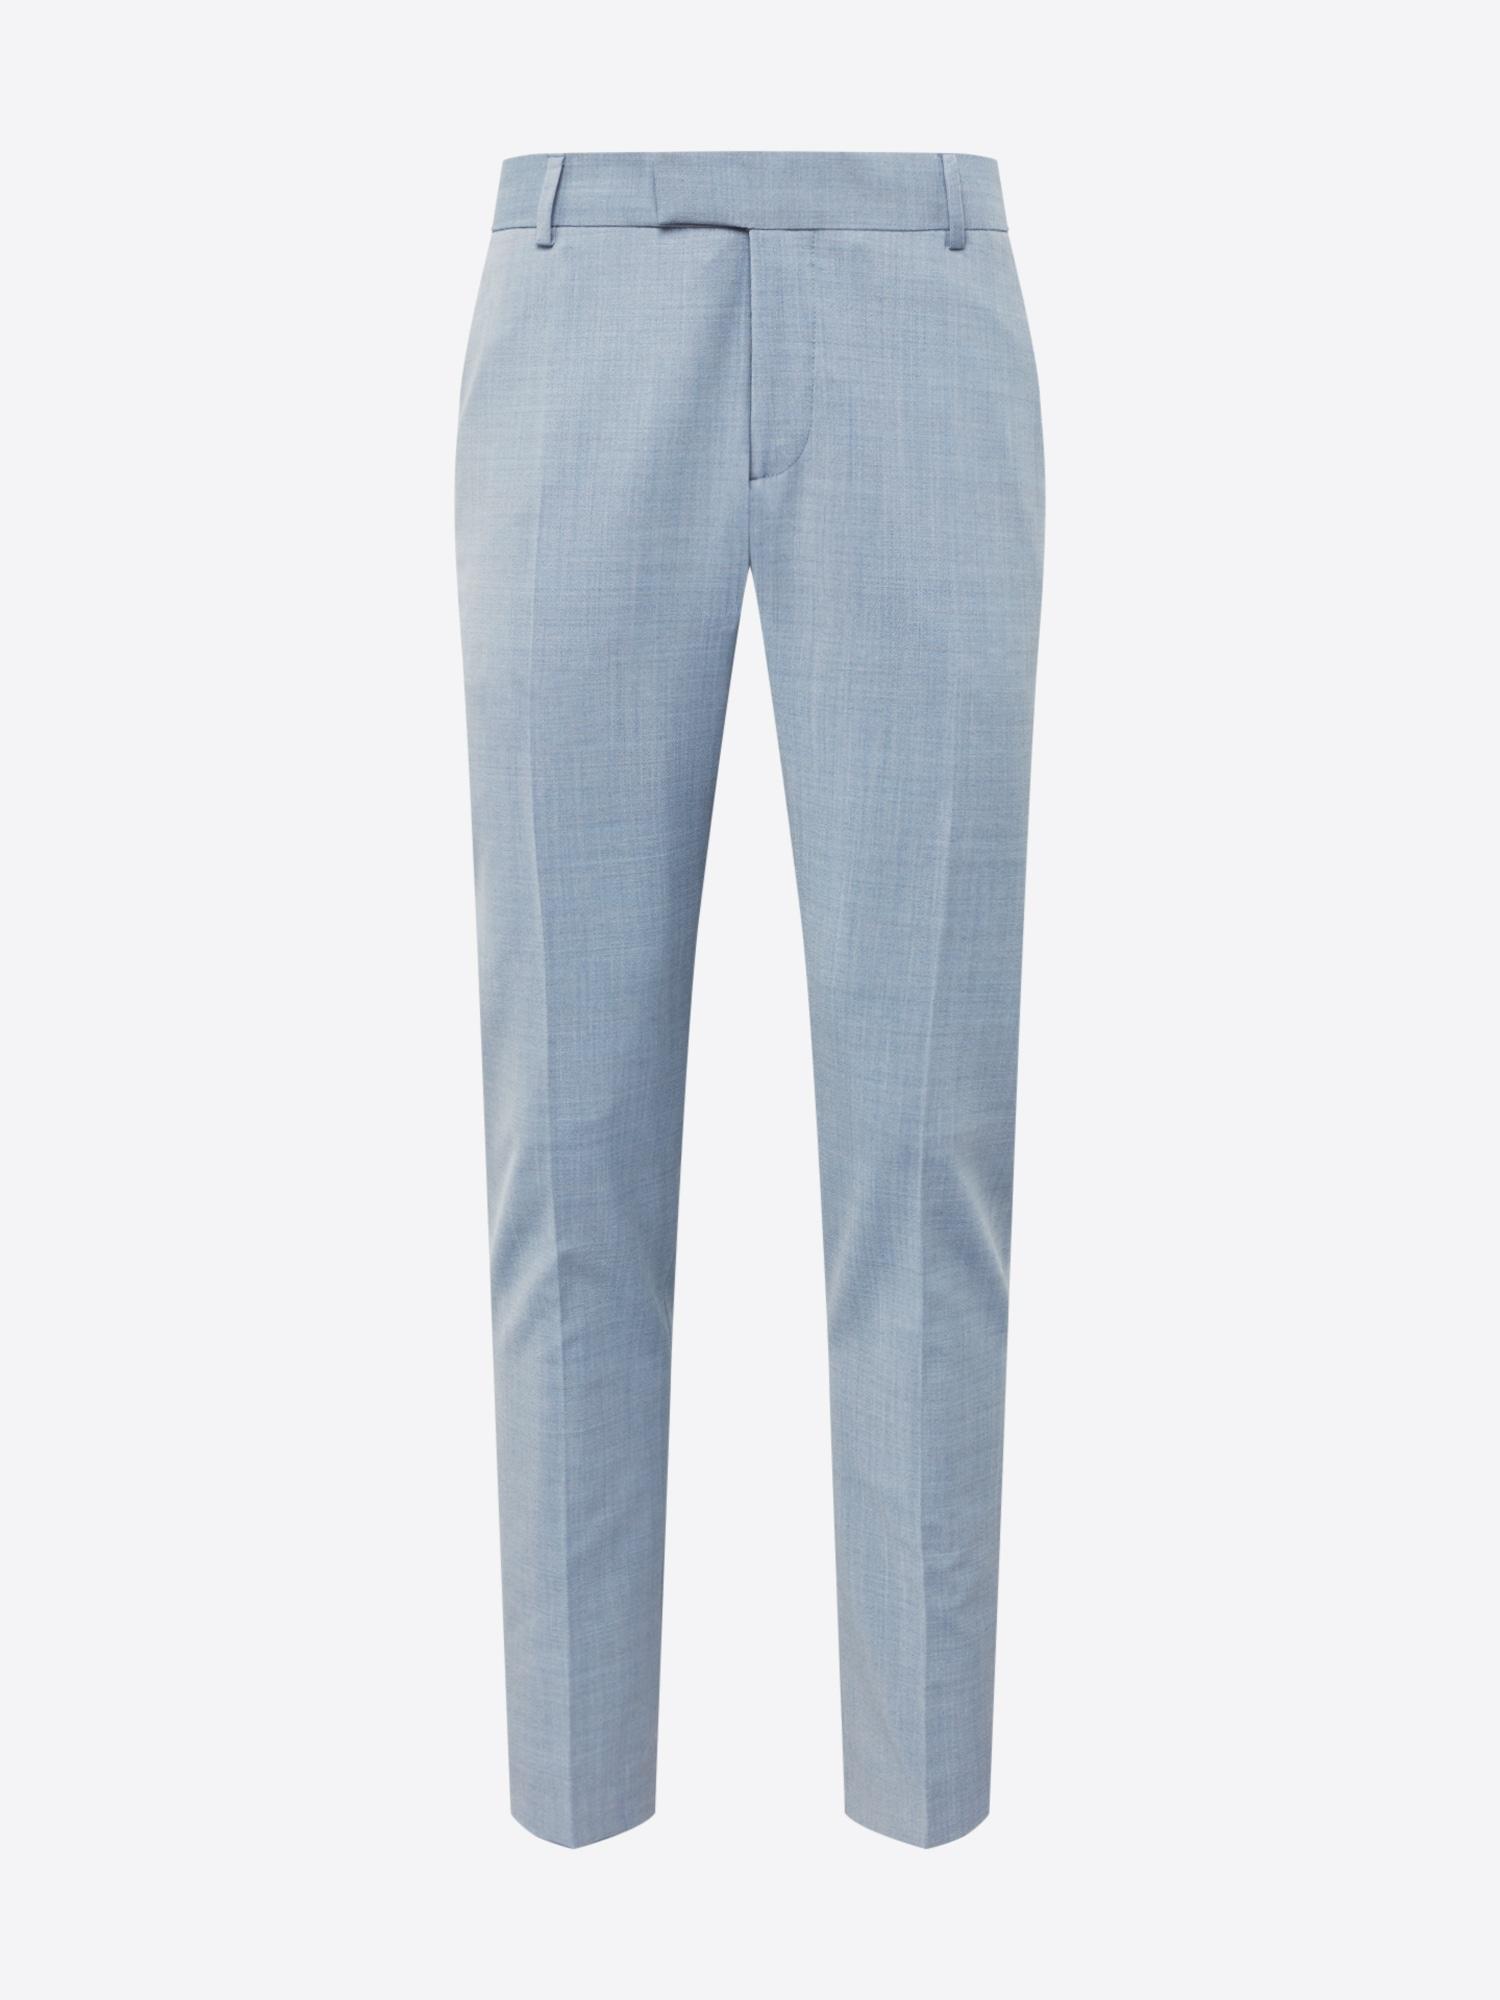 Esprit Collection, Herren Pak actv melange, lichtblauw